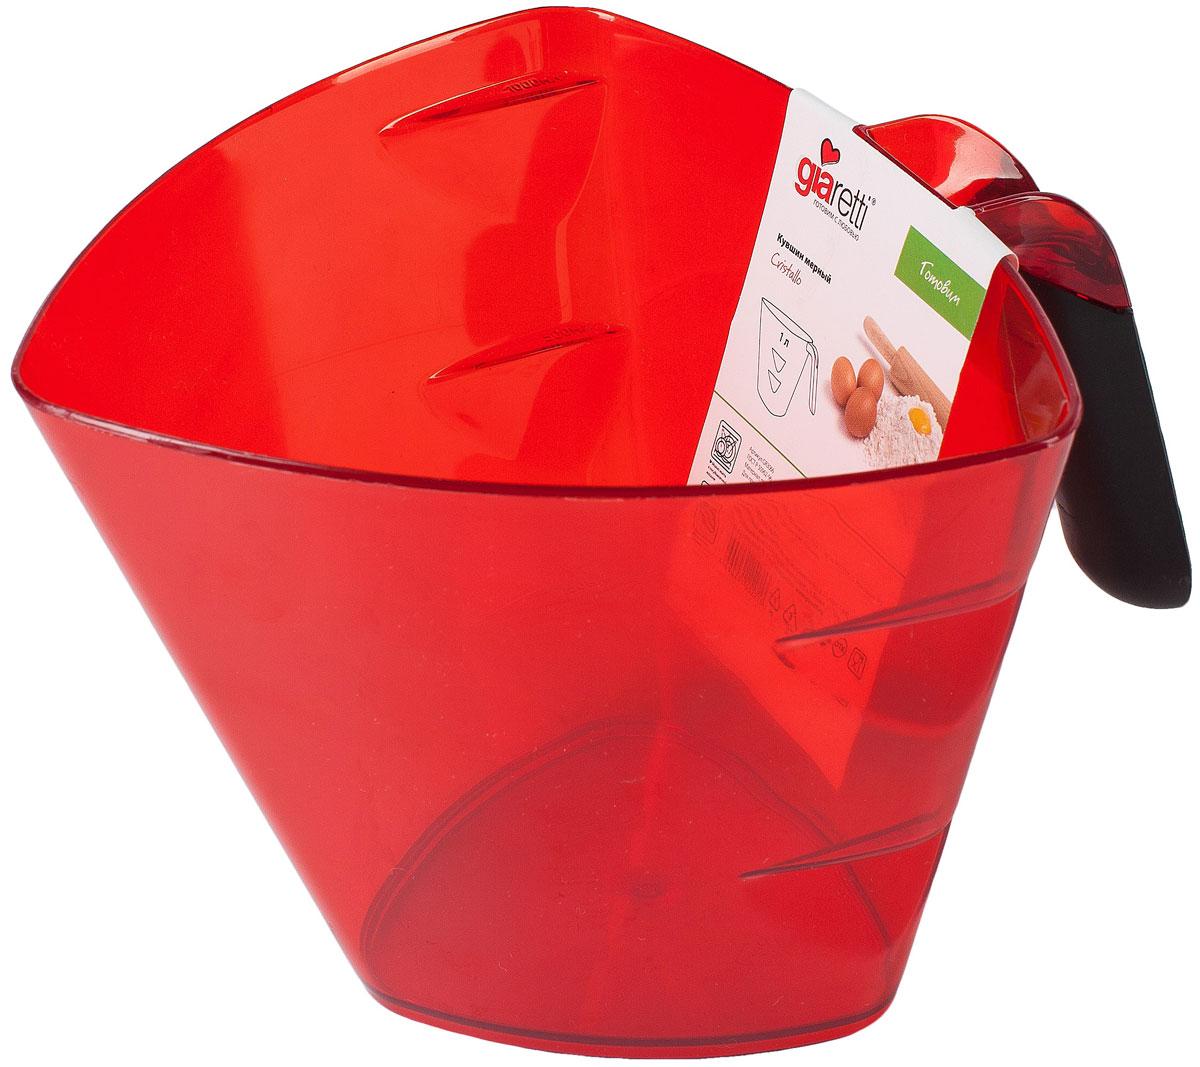 Кувшин мерный Giaretti Cristallo, цвет: красный, 0,5 лGR3065Мерный кувшин Giaretti Cristallo, изготовленный из высококачественного пластика, вдохновляет на кулинарные победы своим ярким цветом и привлекательным дизайном. На внутренние стенки кувшина нанесена мерная шкала. Кувшин оснащен носиком для удобного слива, а также эргономичной ручкой с противоскользящей вставкой. Такой мерный кувшин придется по душе каждой хозяйке и станет незаменимым аксессуаром на кухне.